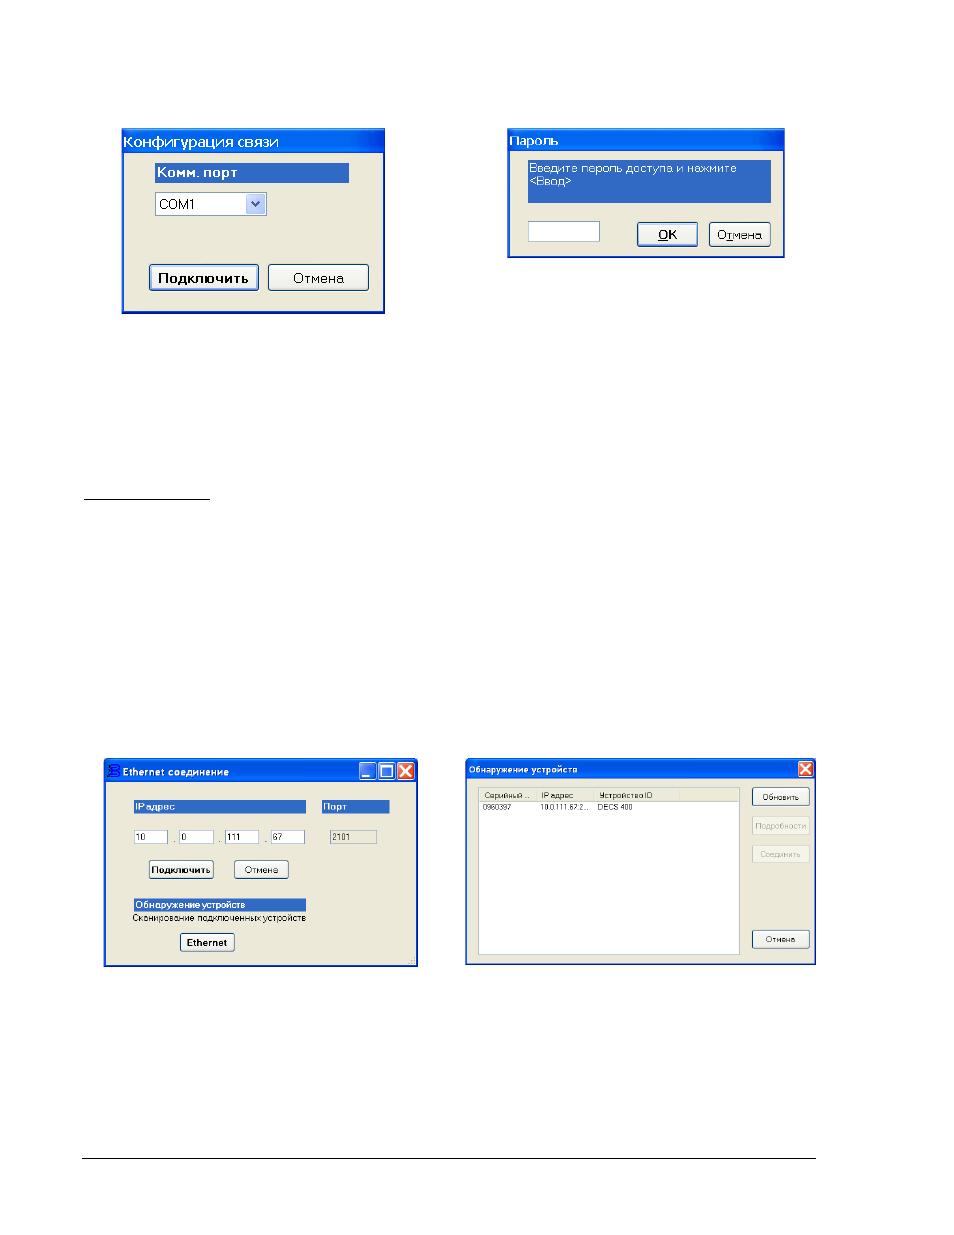 Как сделать окно для ввода пароля